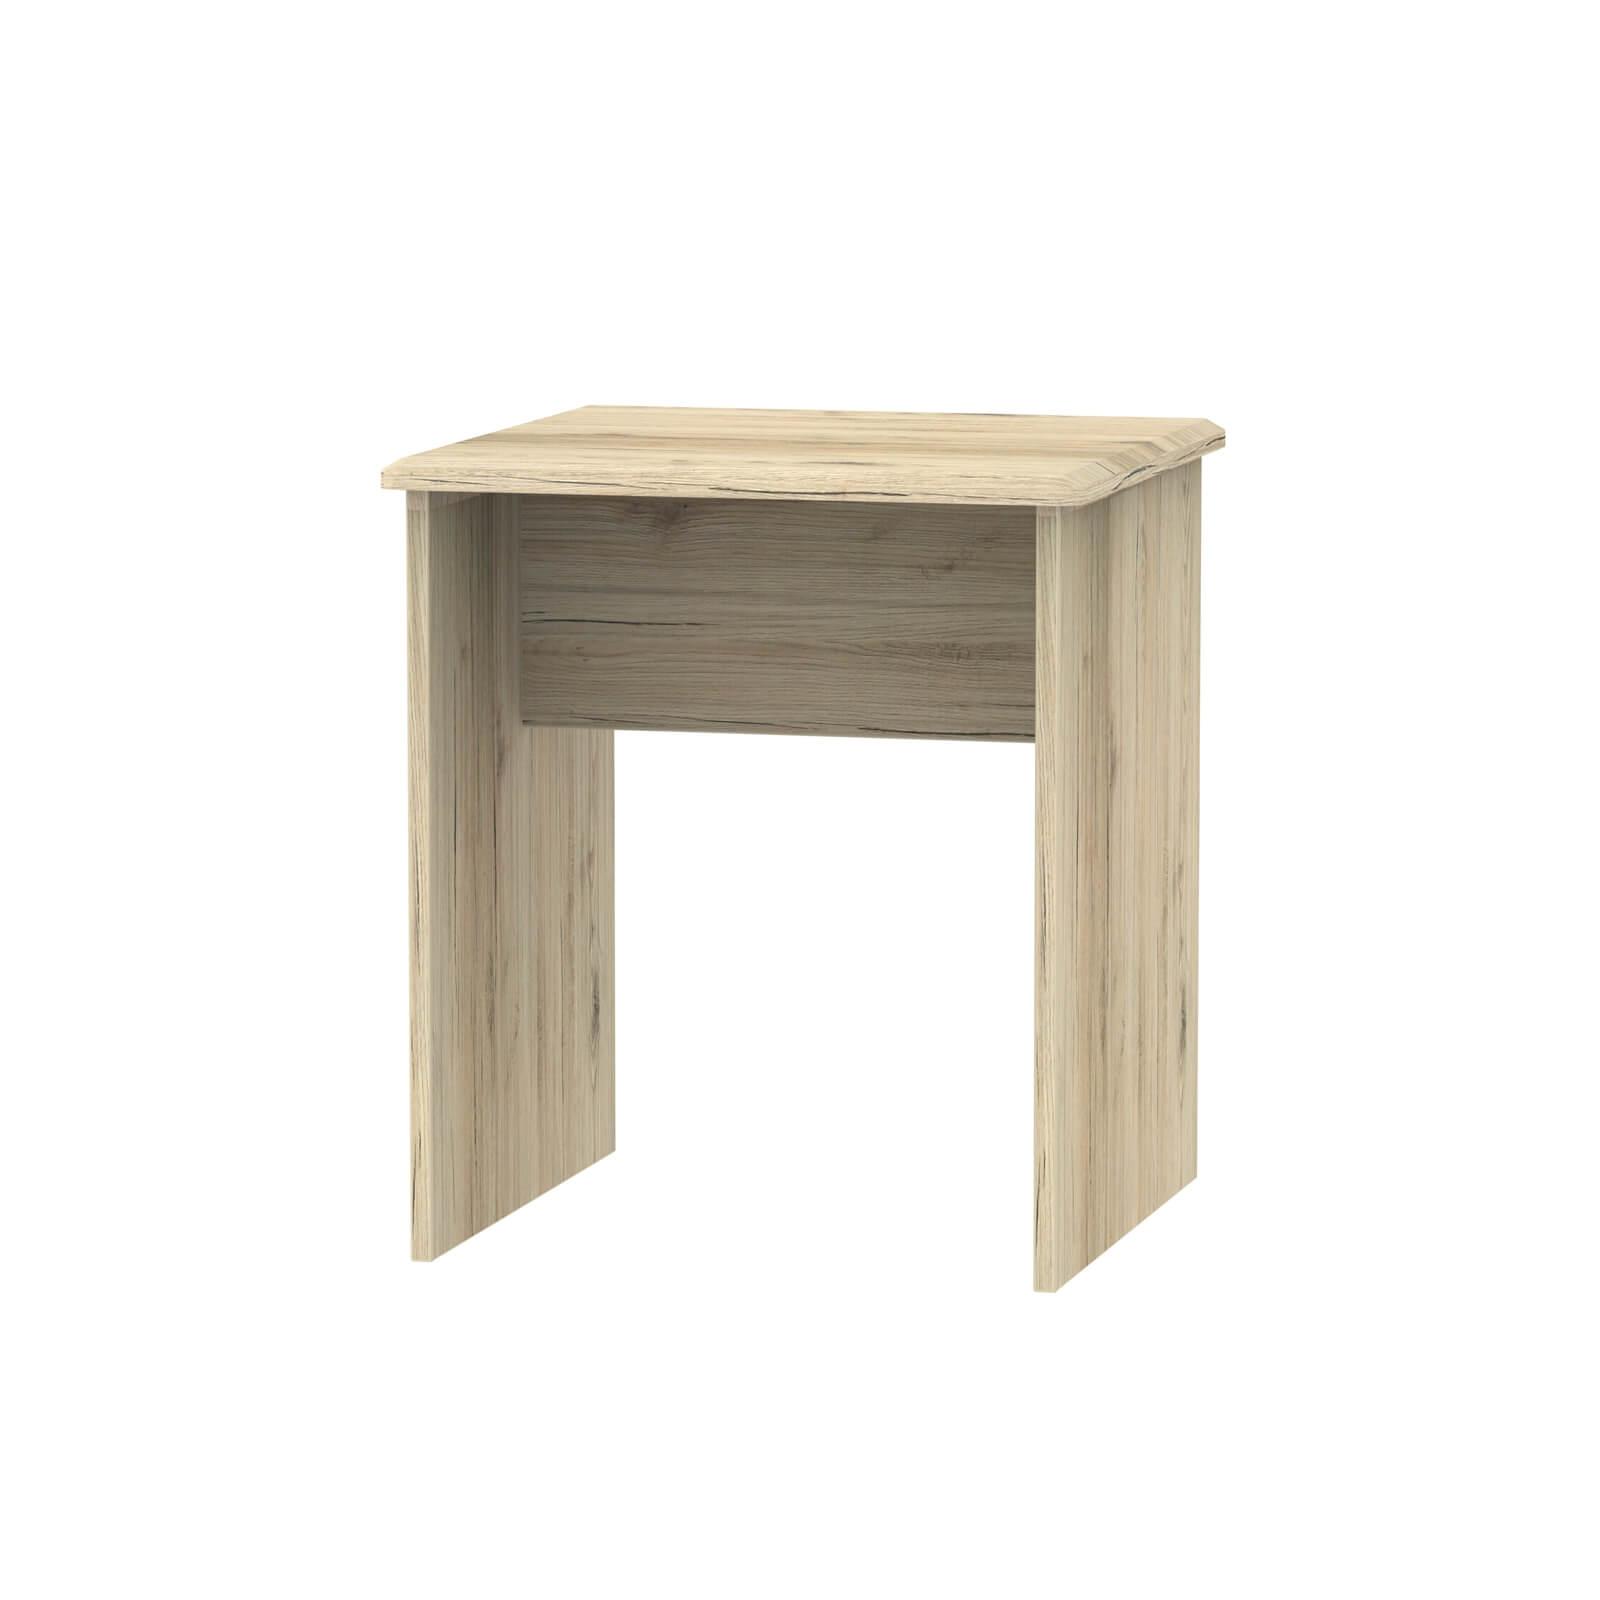 Siena Lamp Table - Bordeaux Oak